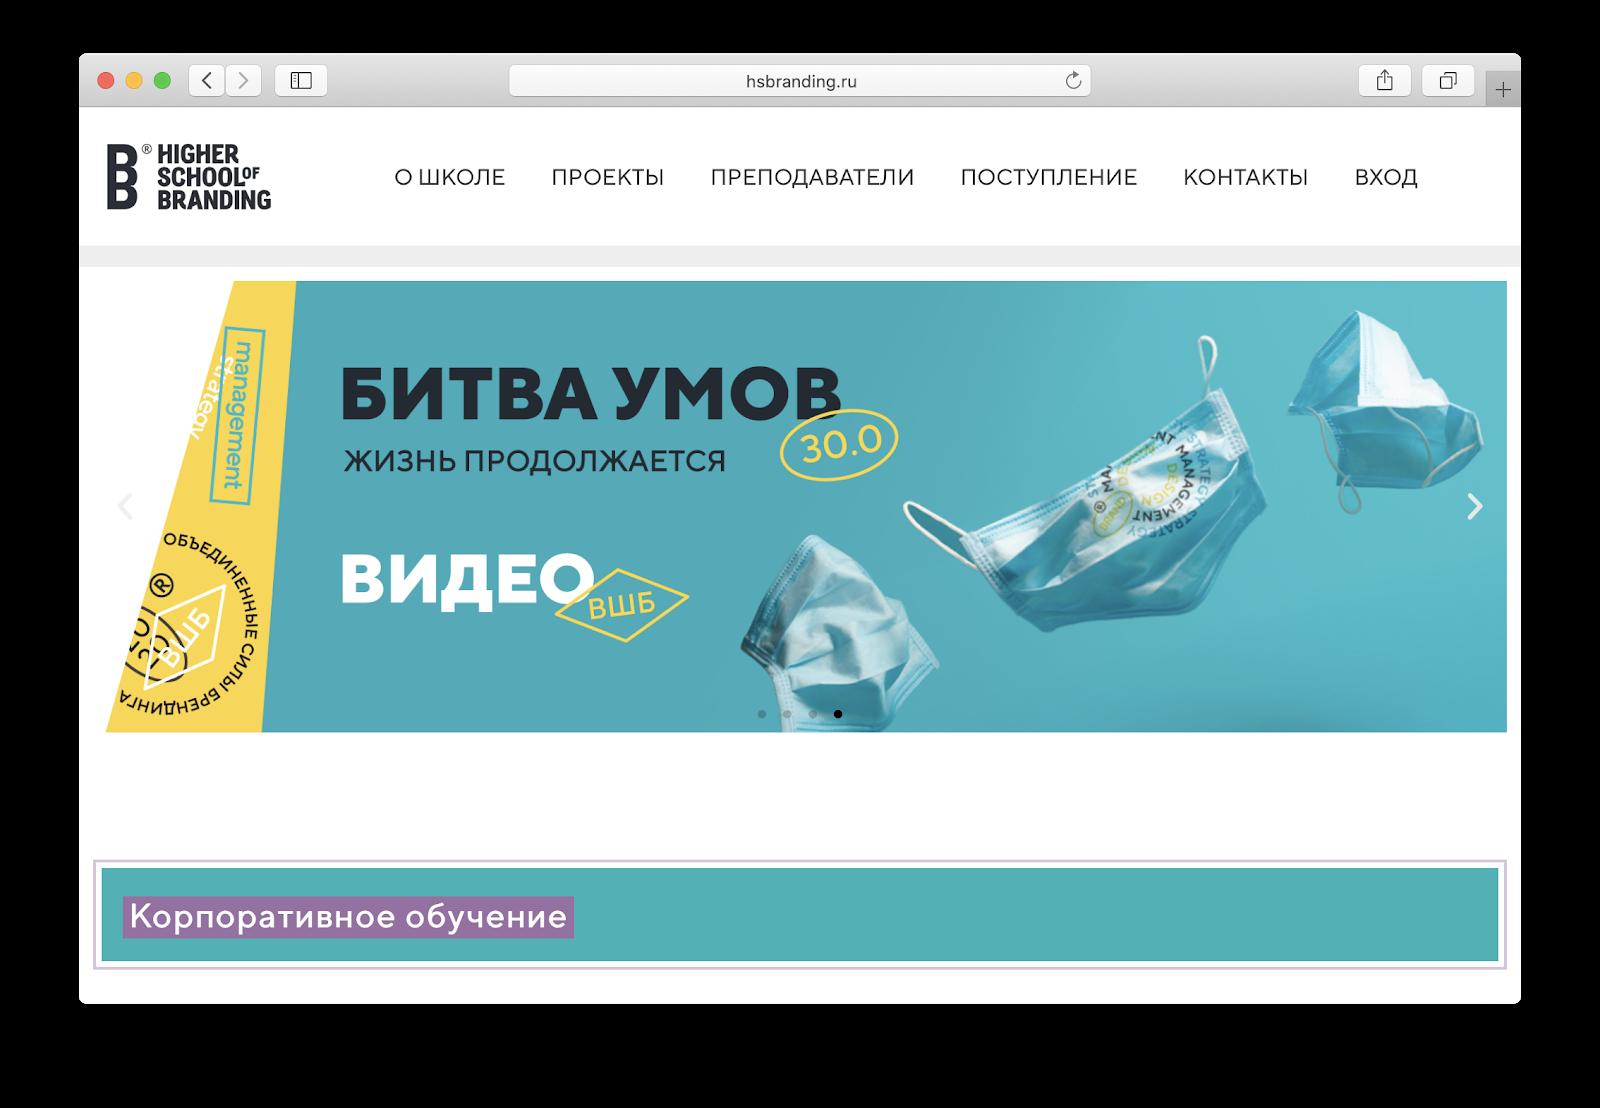 Высшая школа брендинга: ВШБ — высшее образование в бренд-дизайне